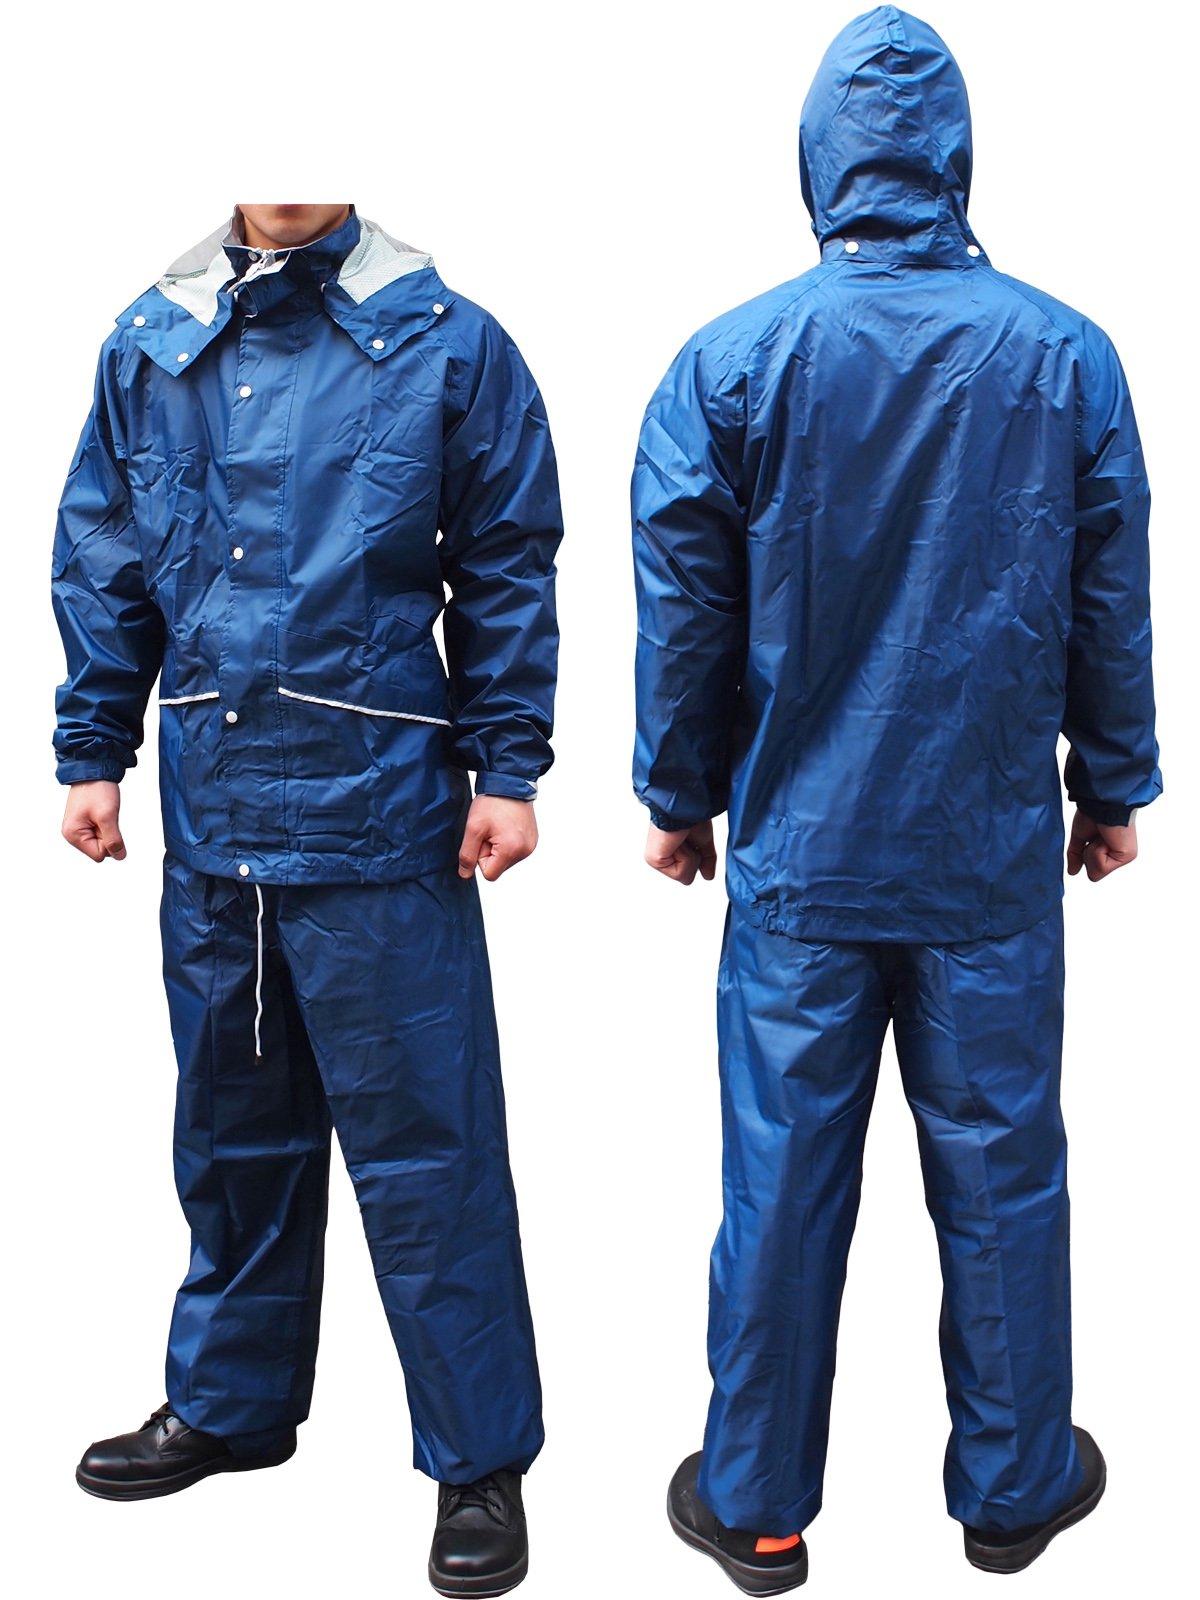 軽量・透湿レインスーツ FINE FIELD(ファインフィールド)No.400(雨衣)【画像5】